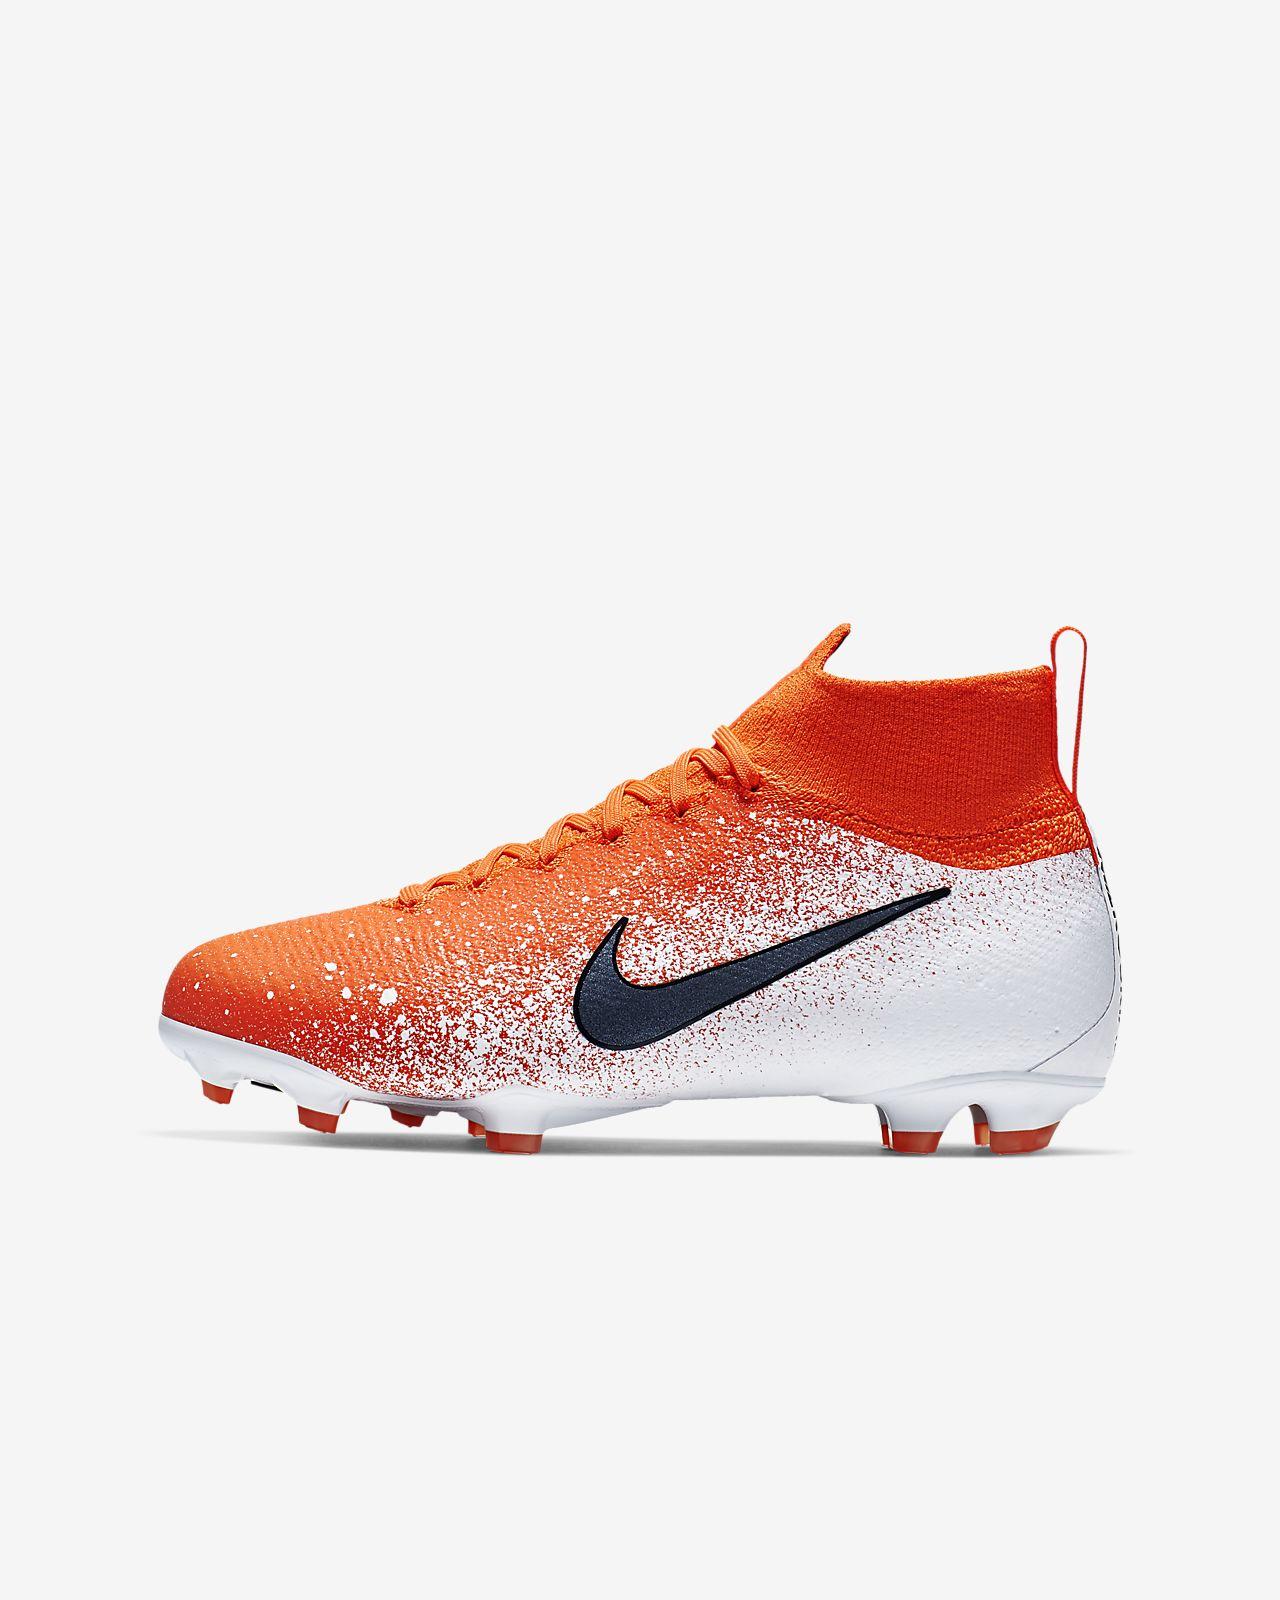 Футбольные бутсы для игры на твердом грунте для школьников Nike Jr. Superfly 6 Elite FG